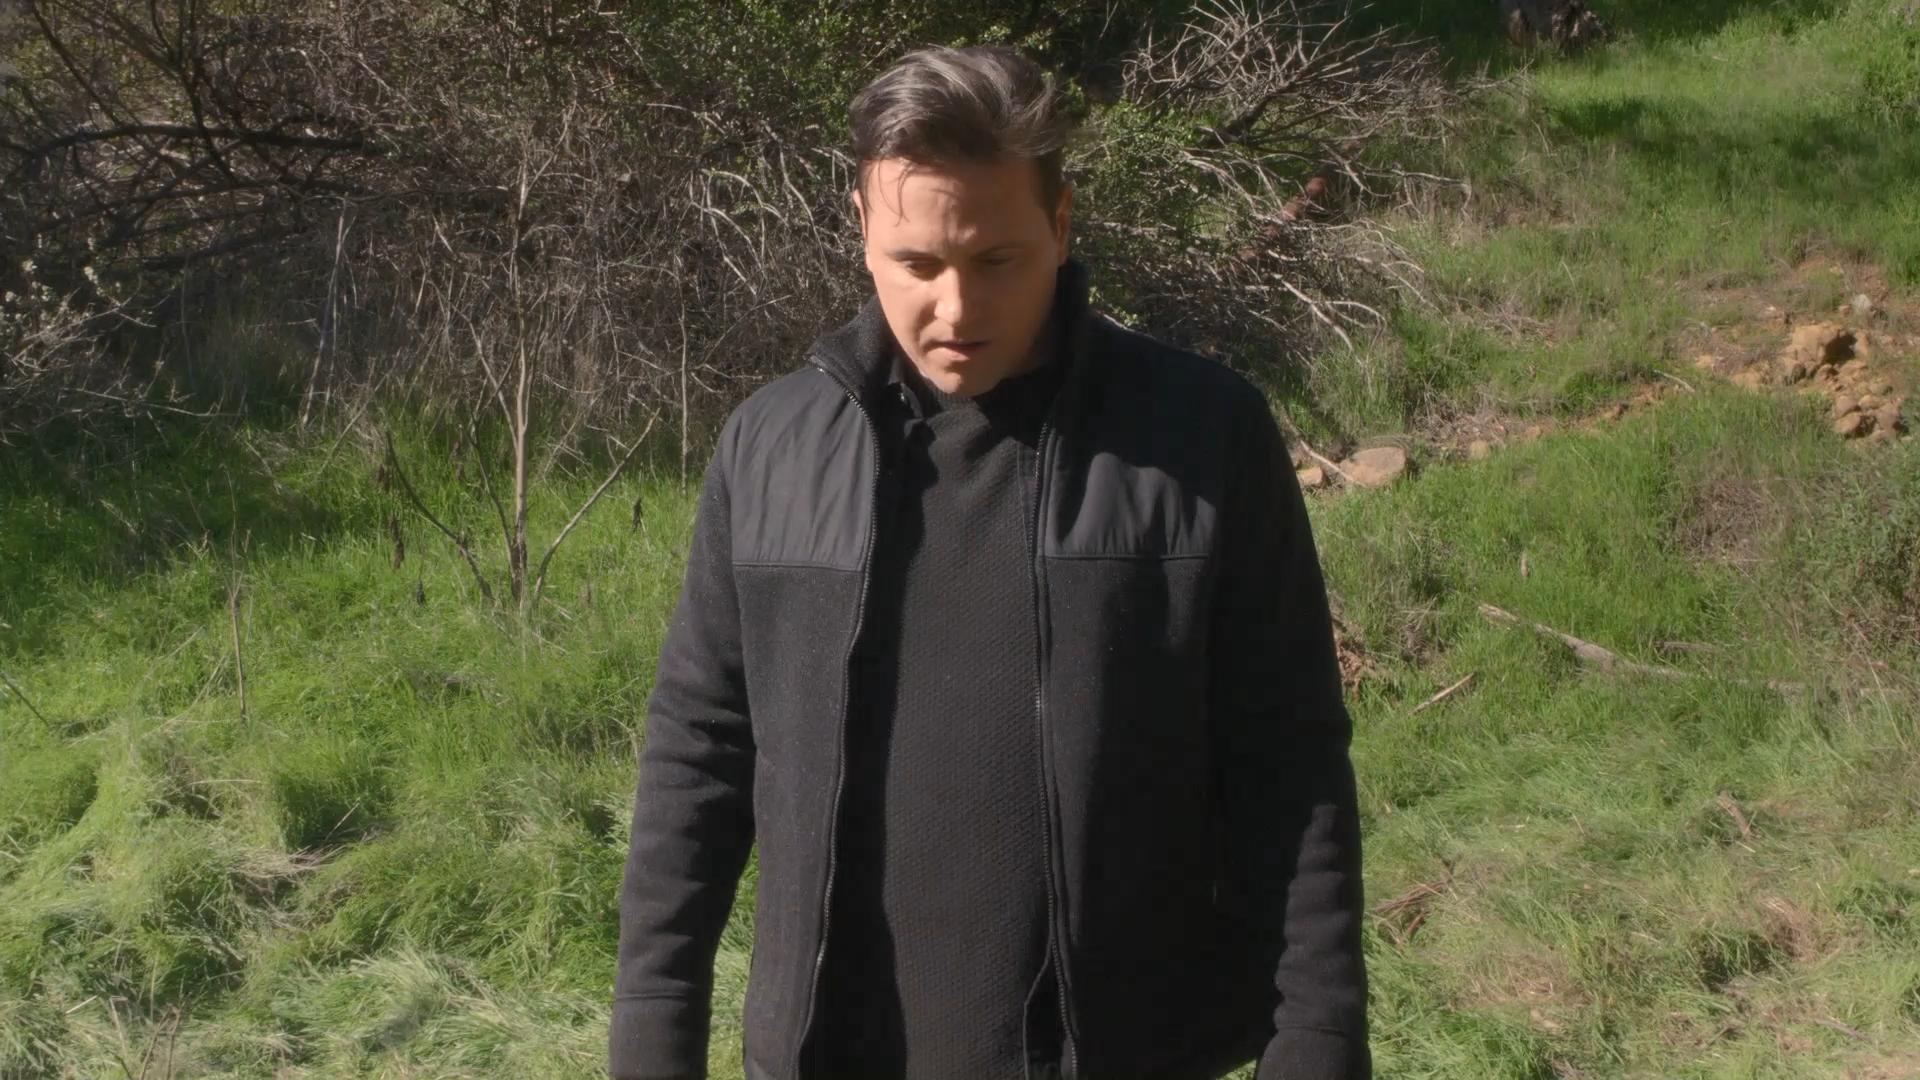 Изображение для Мыслить как преступник / Criminal Minds, Сезон 15, Серии 1-4 из 10 (2020) WEBRip 1080p (кликните для просмотра полного изображения)